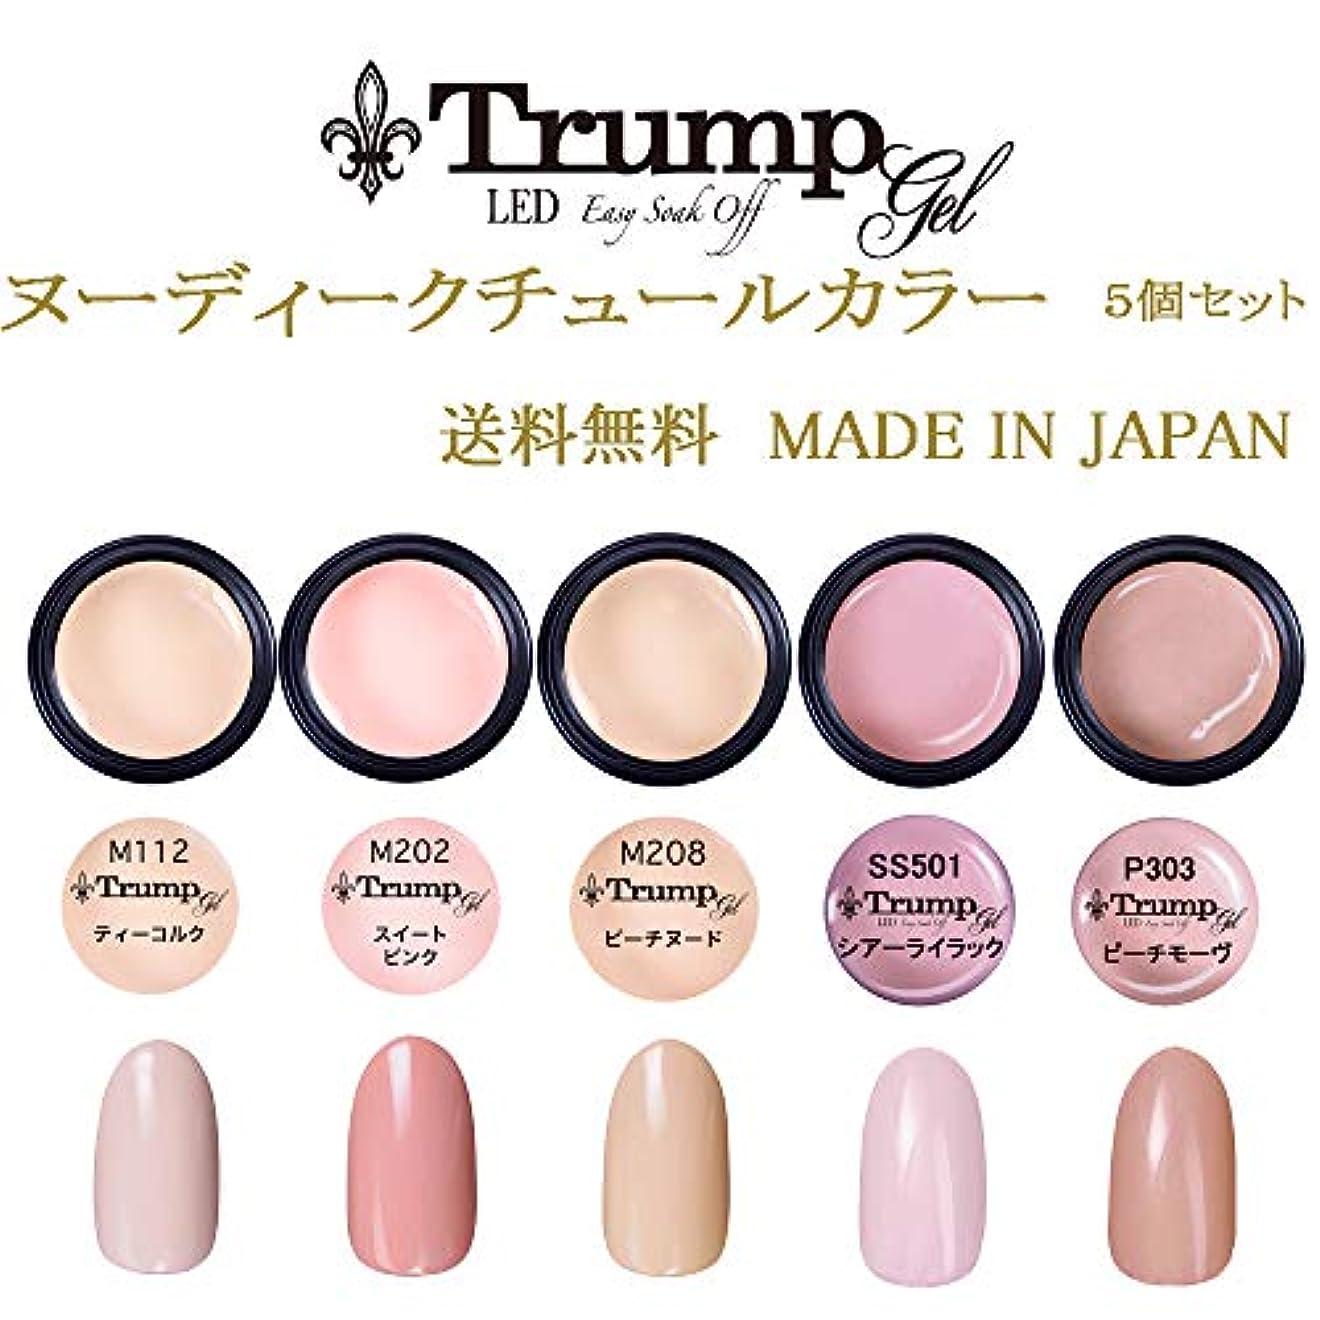 不和涙が出るラウンジ【送料無料】日本製 Trump gel トランプジェルヌーディクチュールカラージェル 5個セット肌馴染みの良い ヌーデイクチュールカラージェルセット